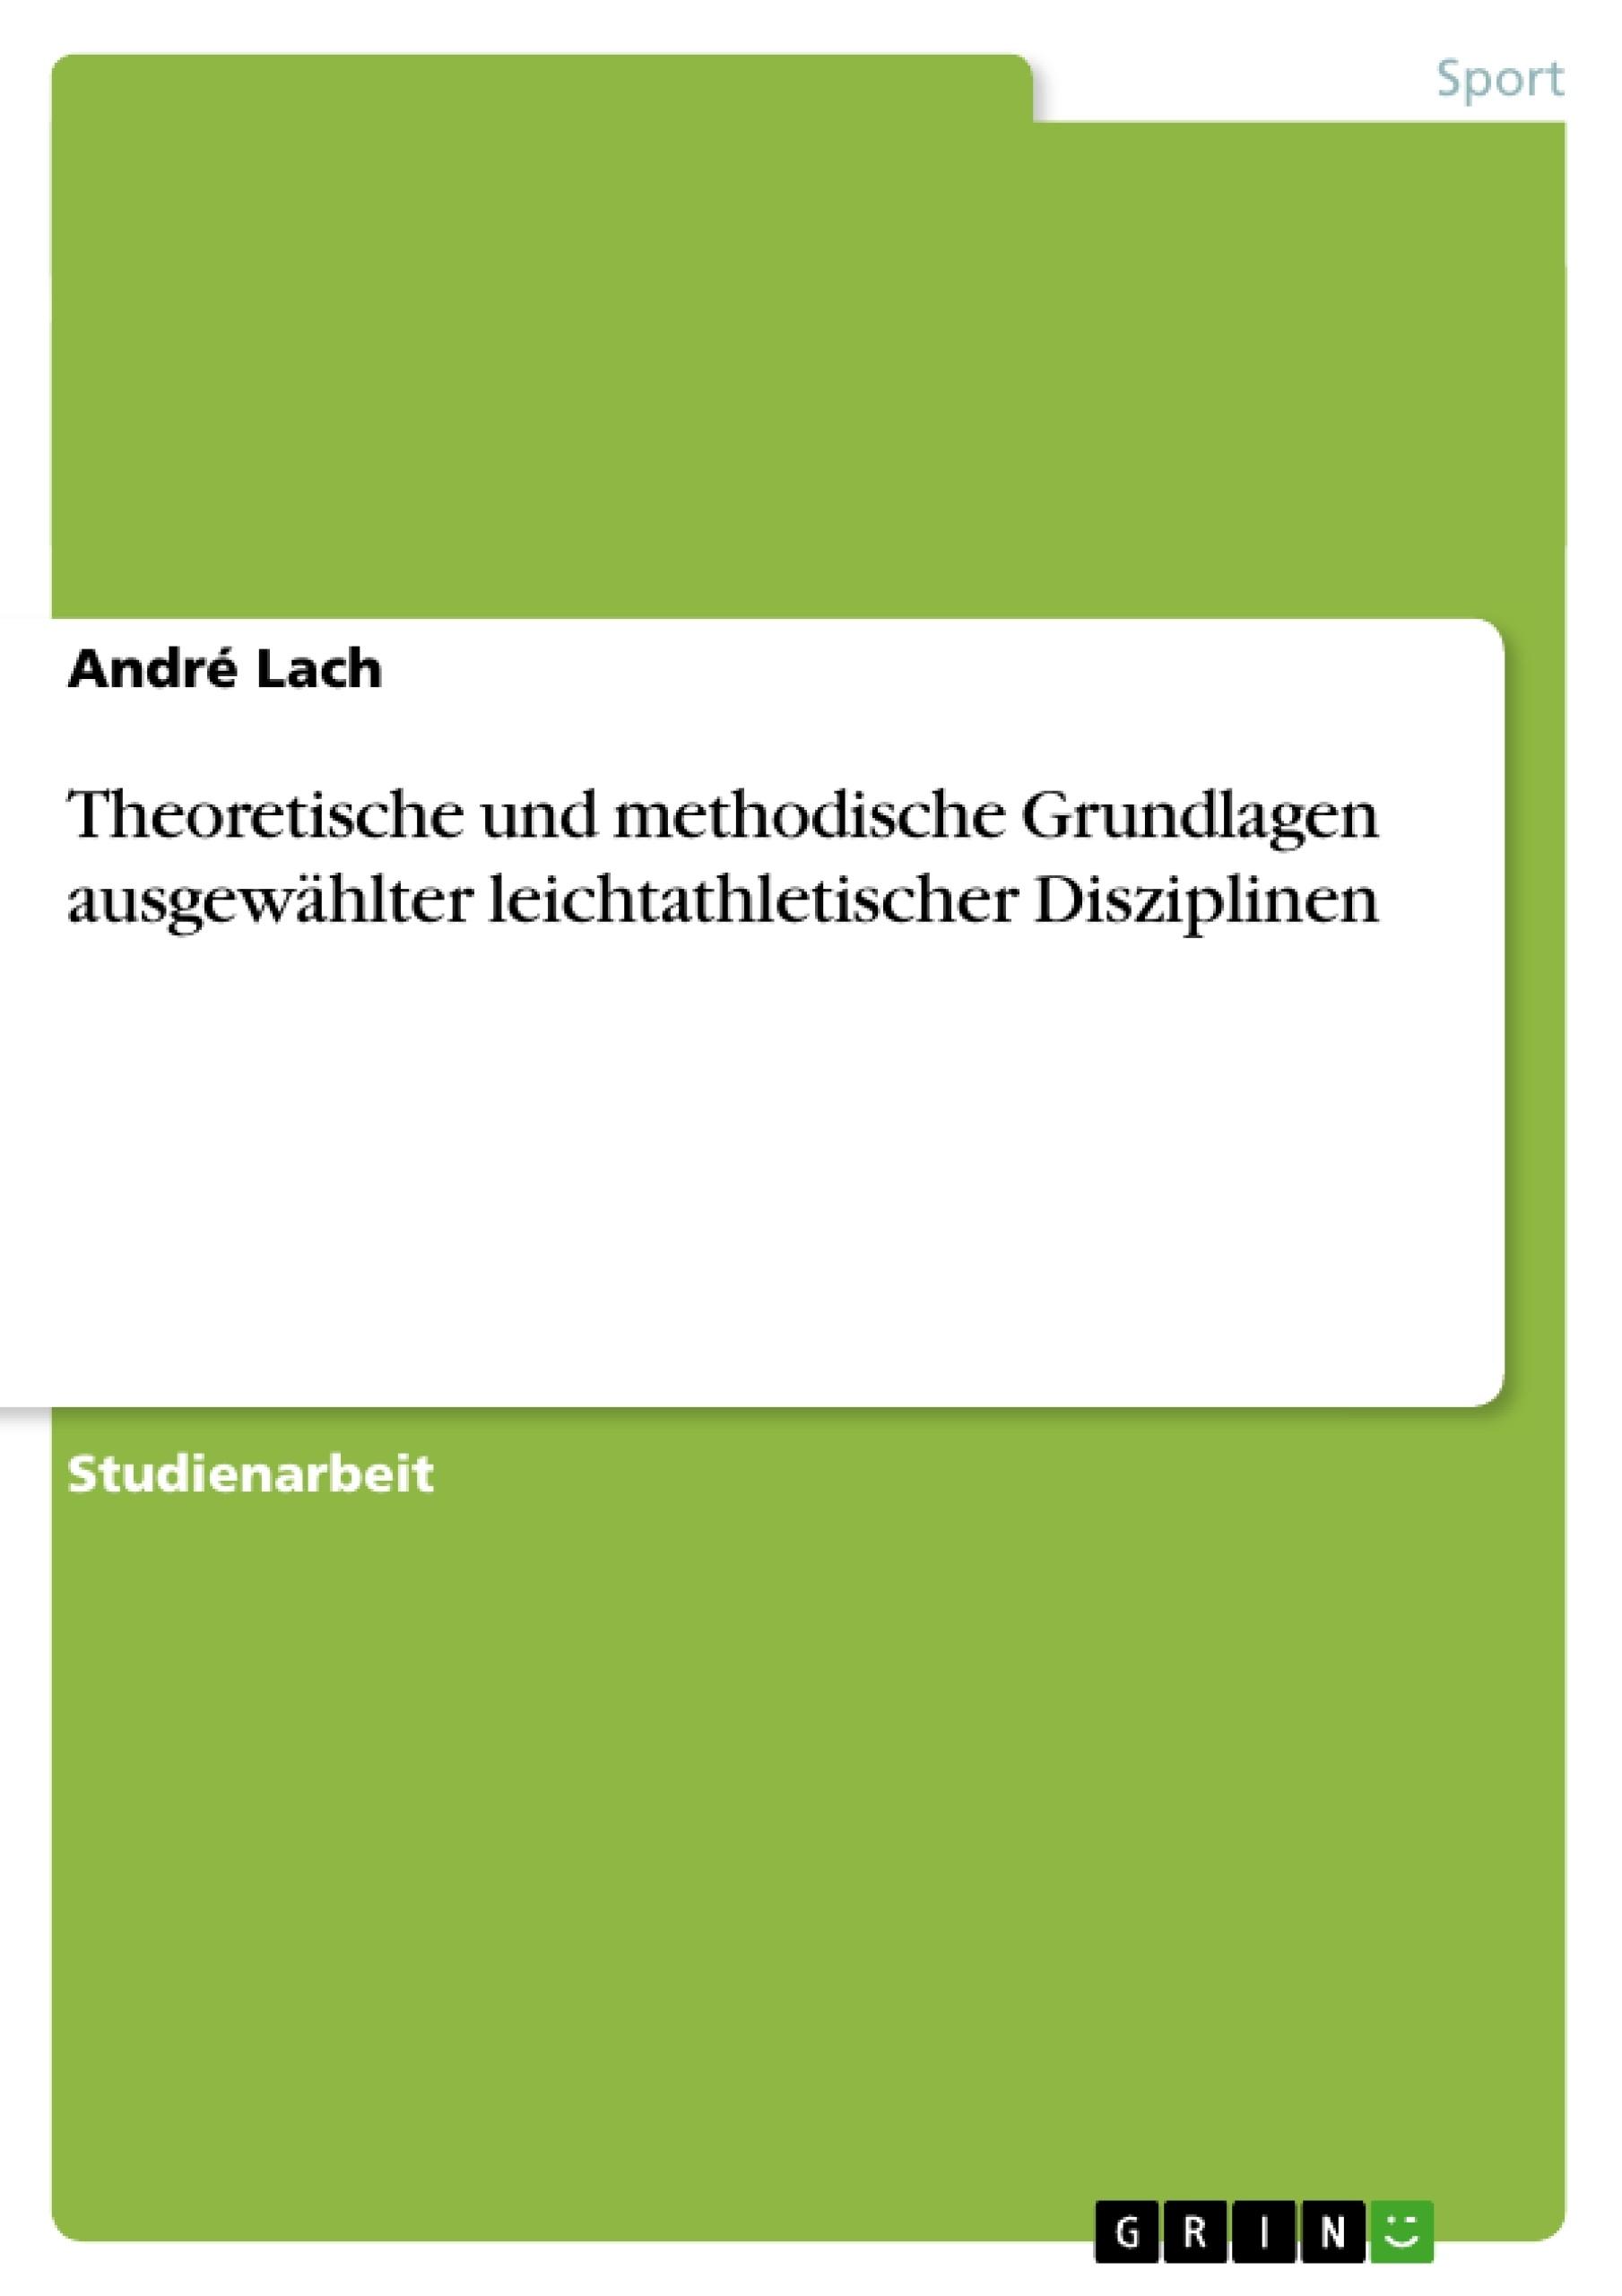 Titel: Theoretische und methodische Grundlagen ausgewählter leichtathletischer Disziplinen